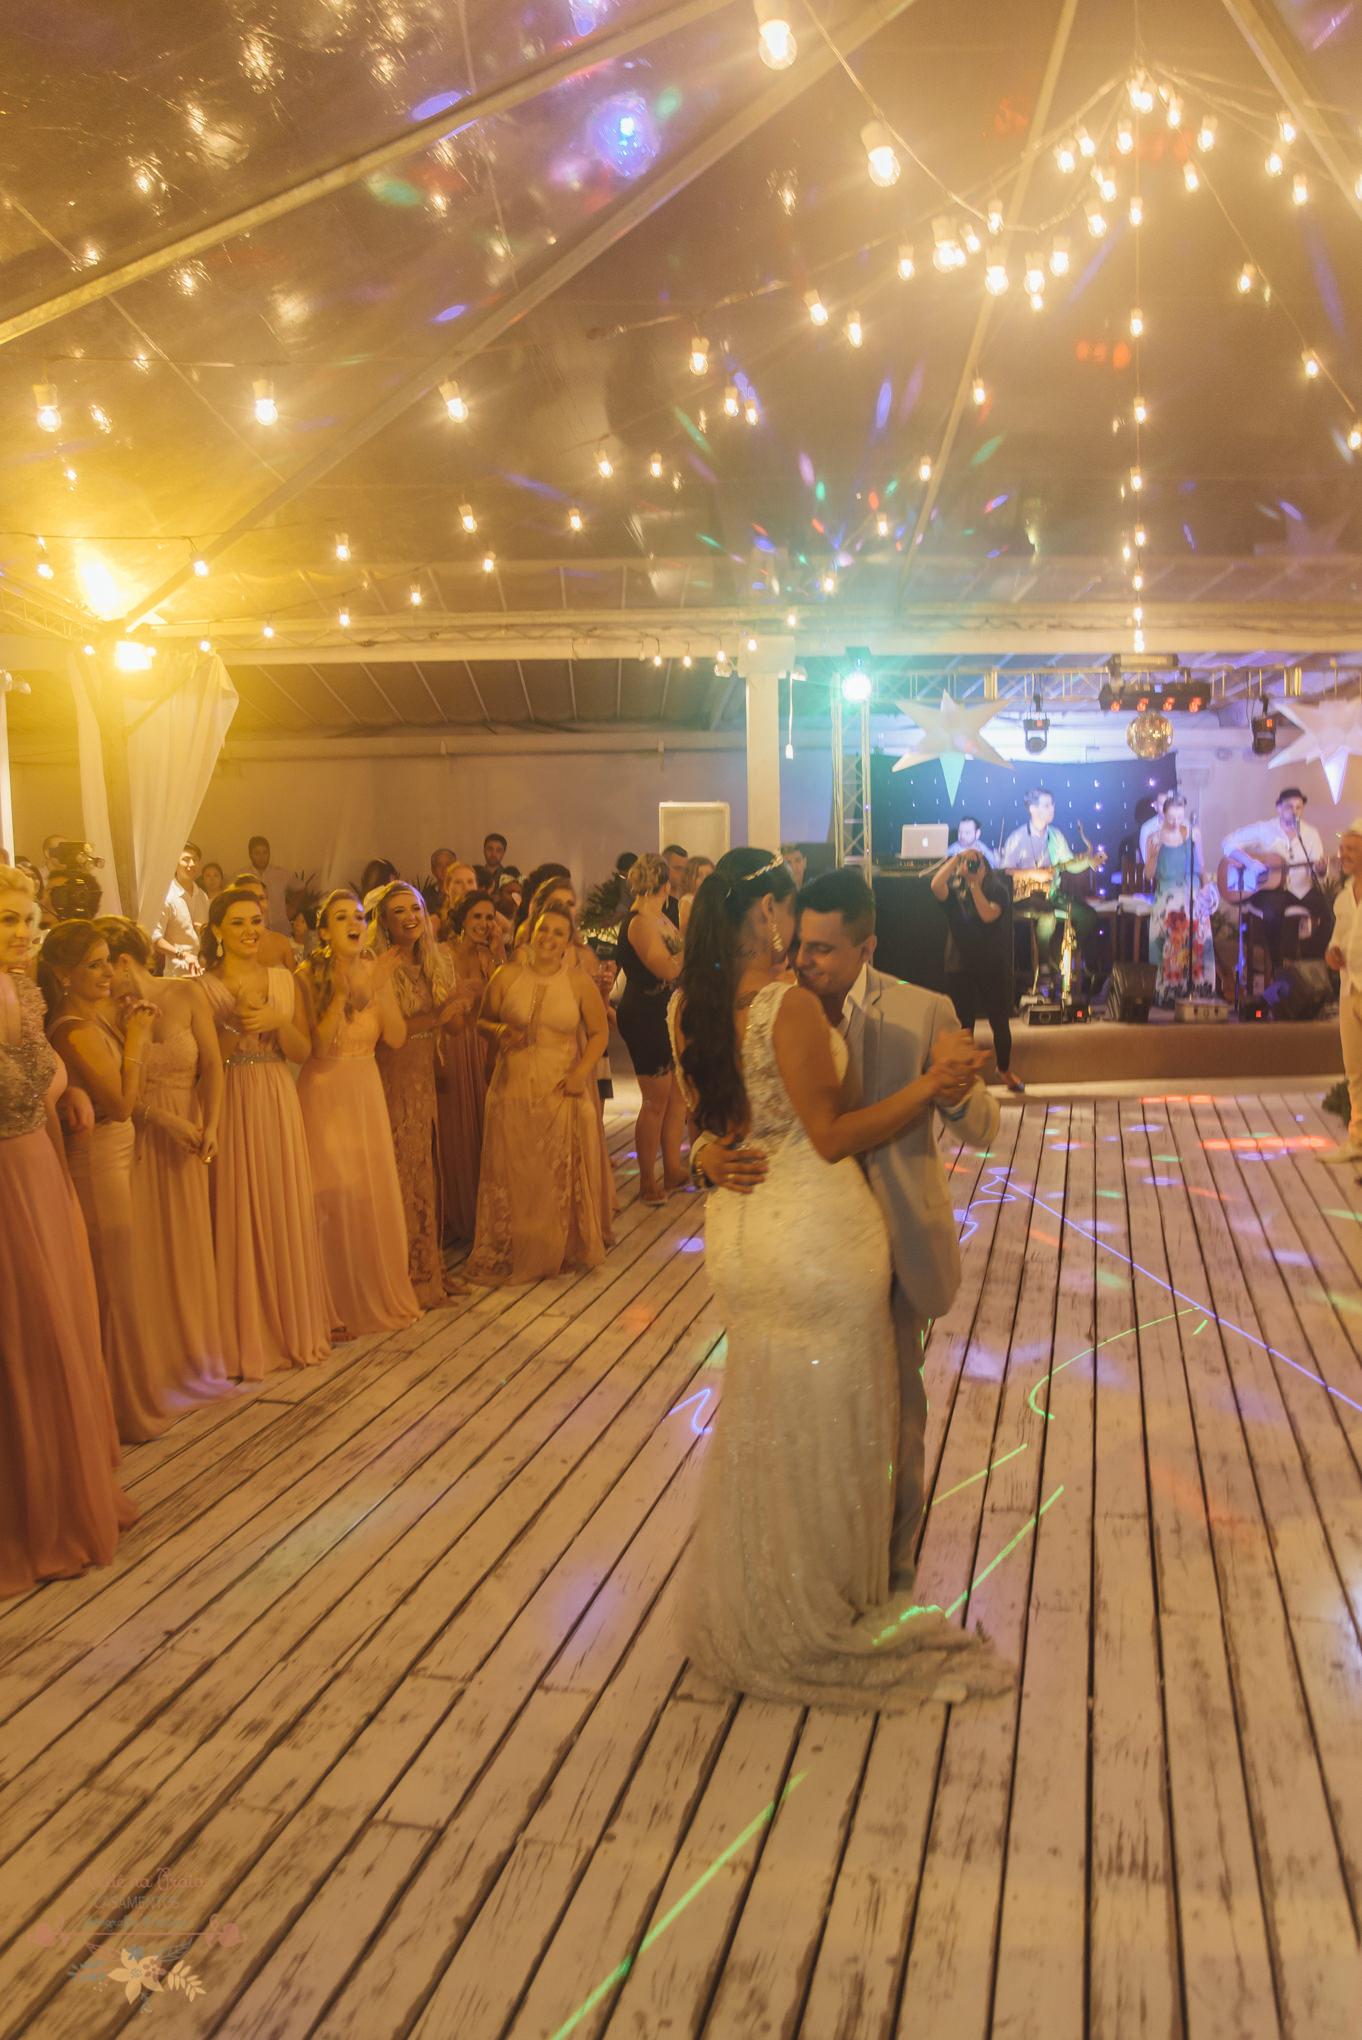 07-Festa-Atelie-na-Praia-Casamento-na-Praia-Natalia-Felipe-PQ-2339D